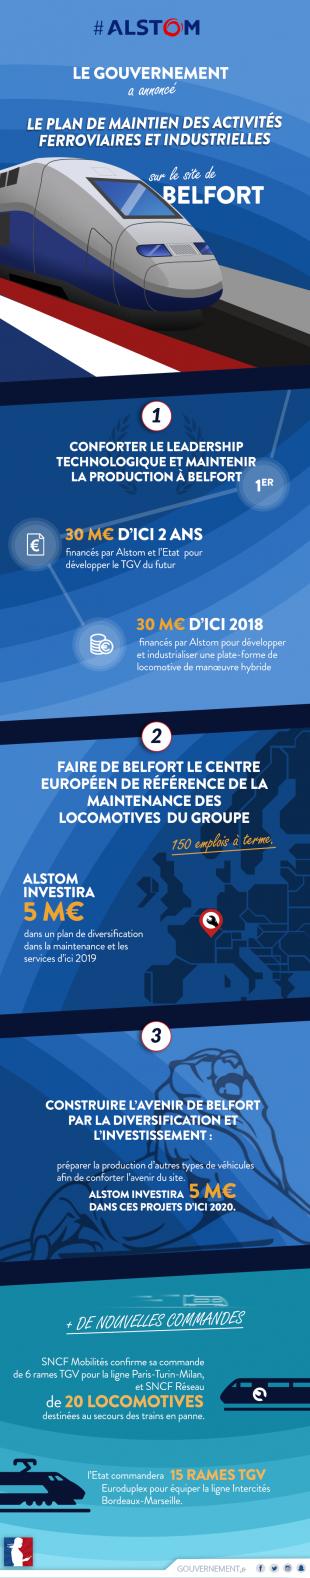 Alstom : plan de maintien des activités ferroviaires et industrielles sur le site de Belfort